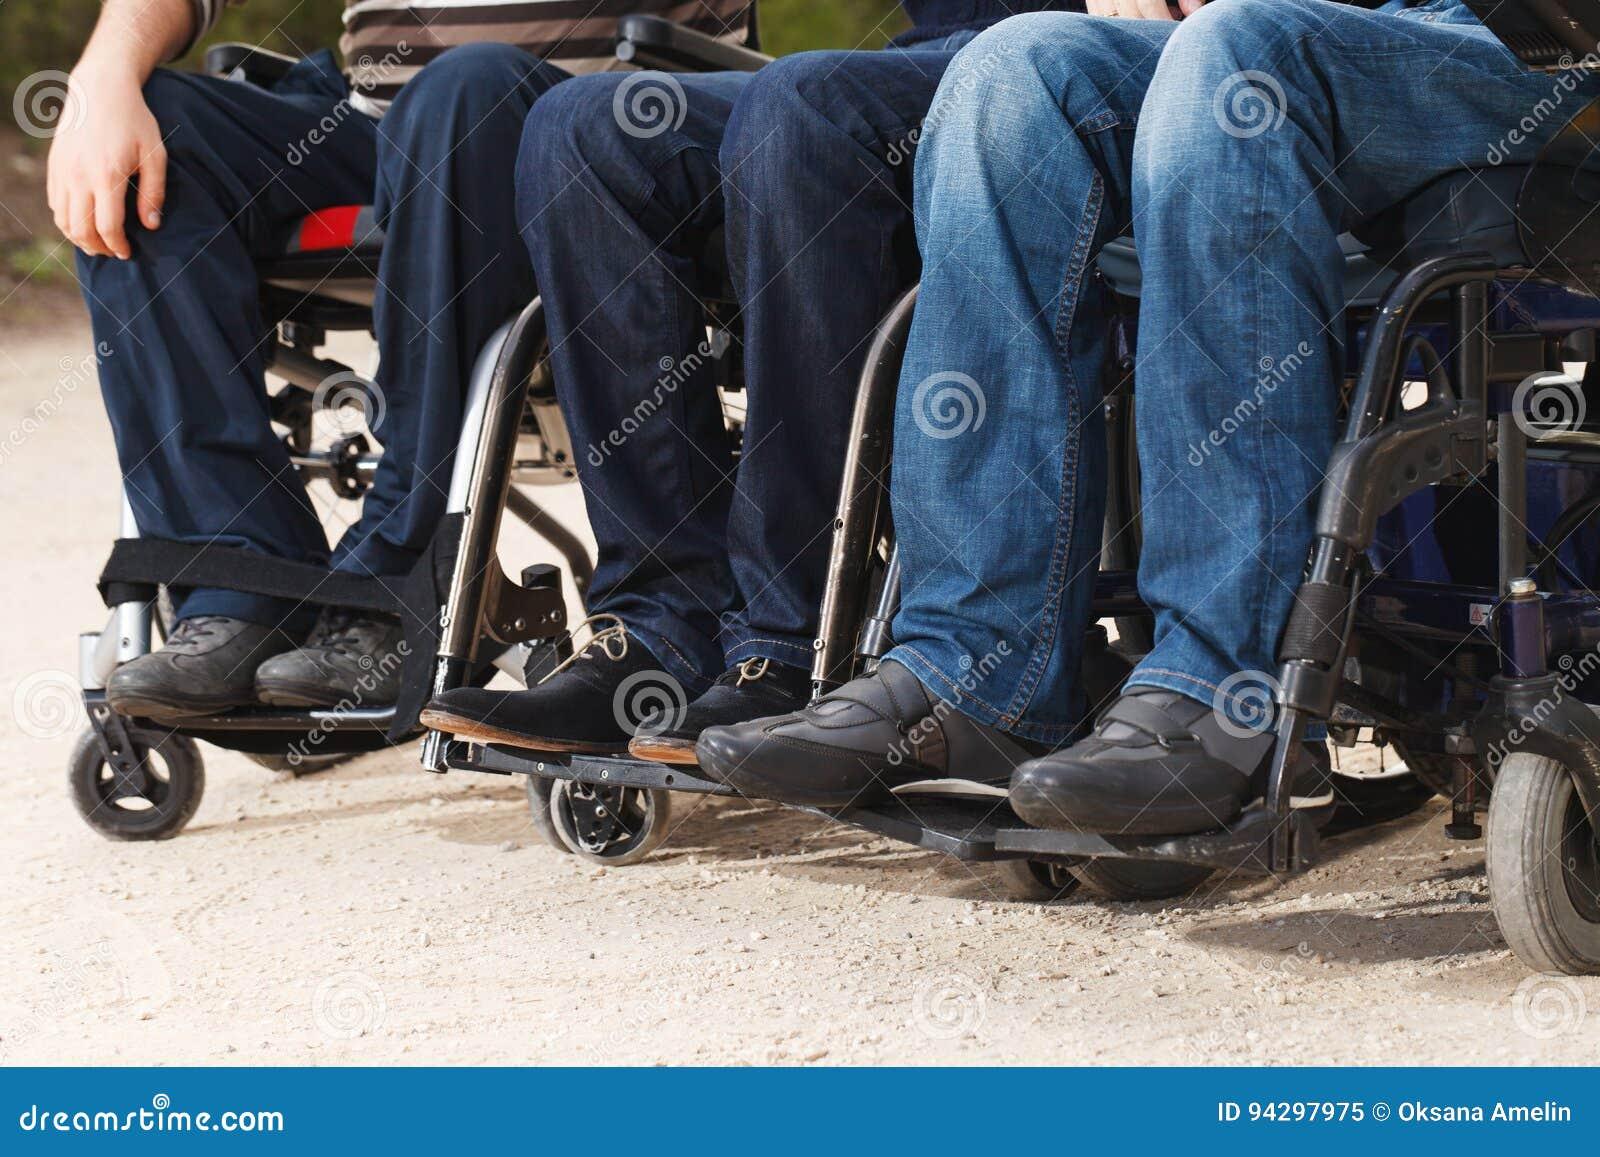 Rörelsehindrade vänner i rullstolar